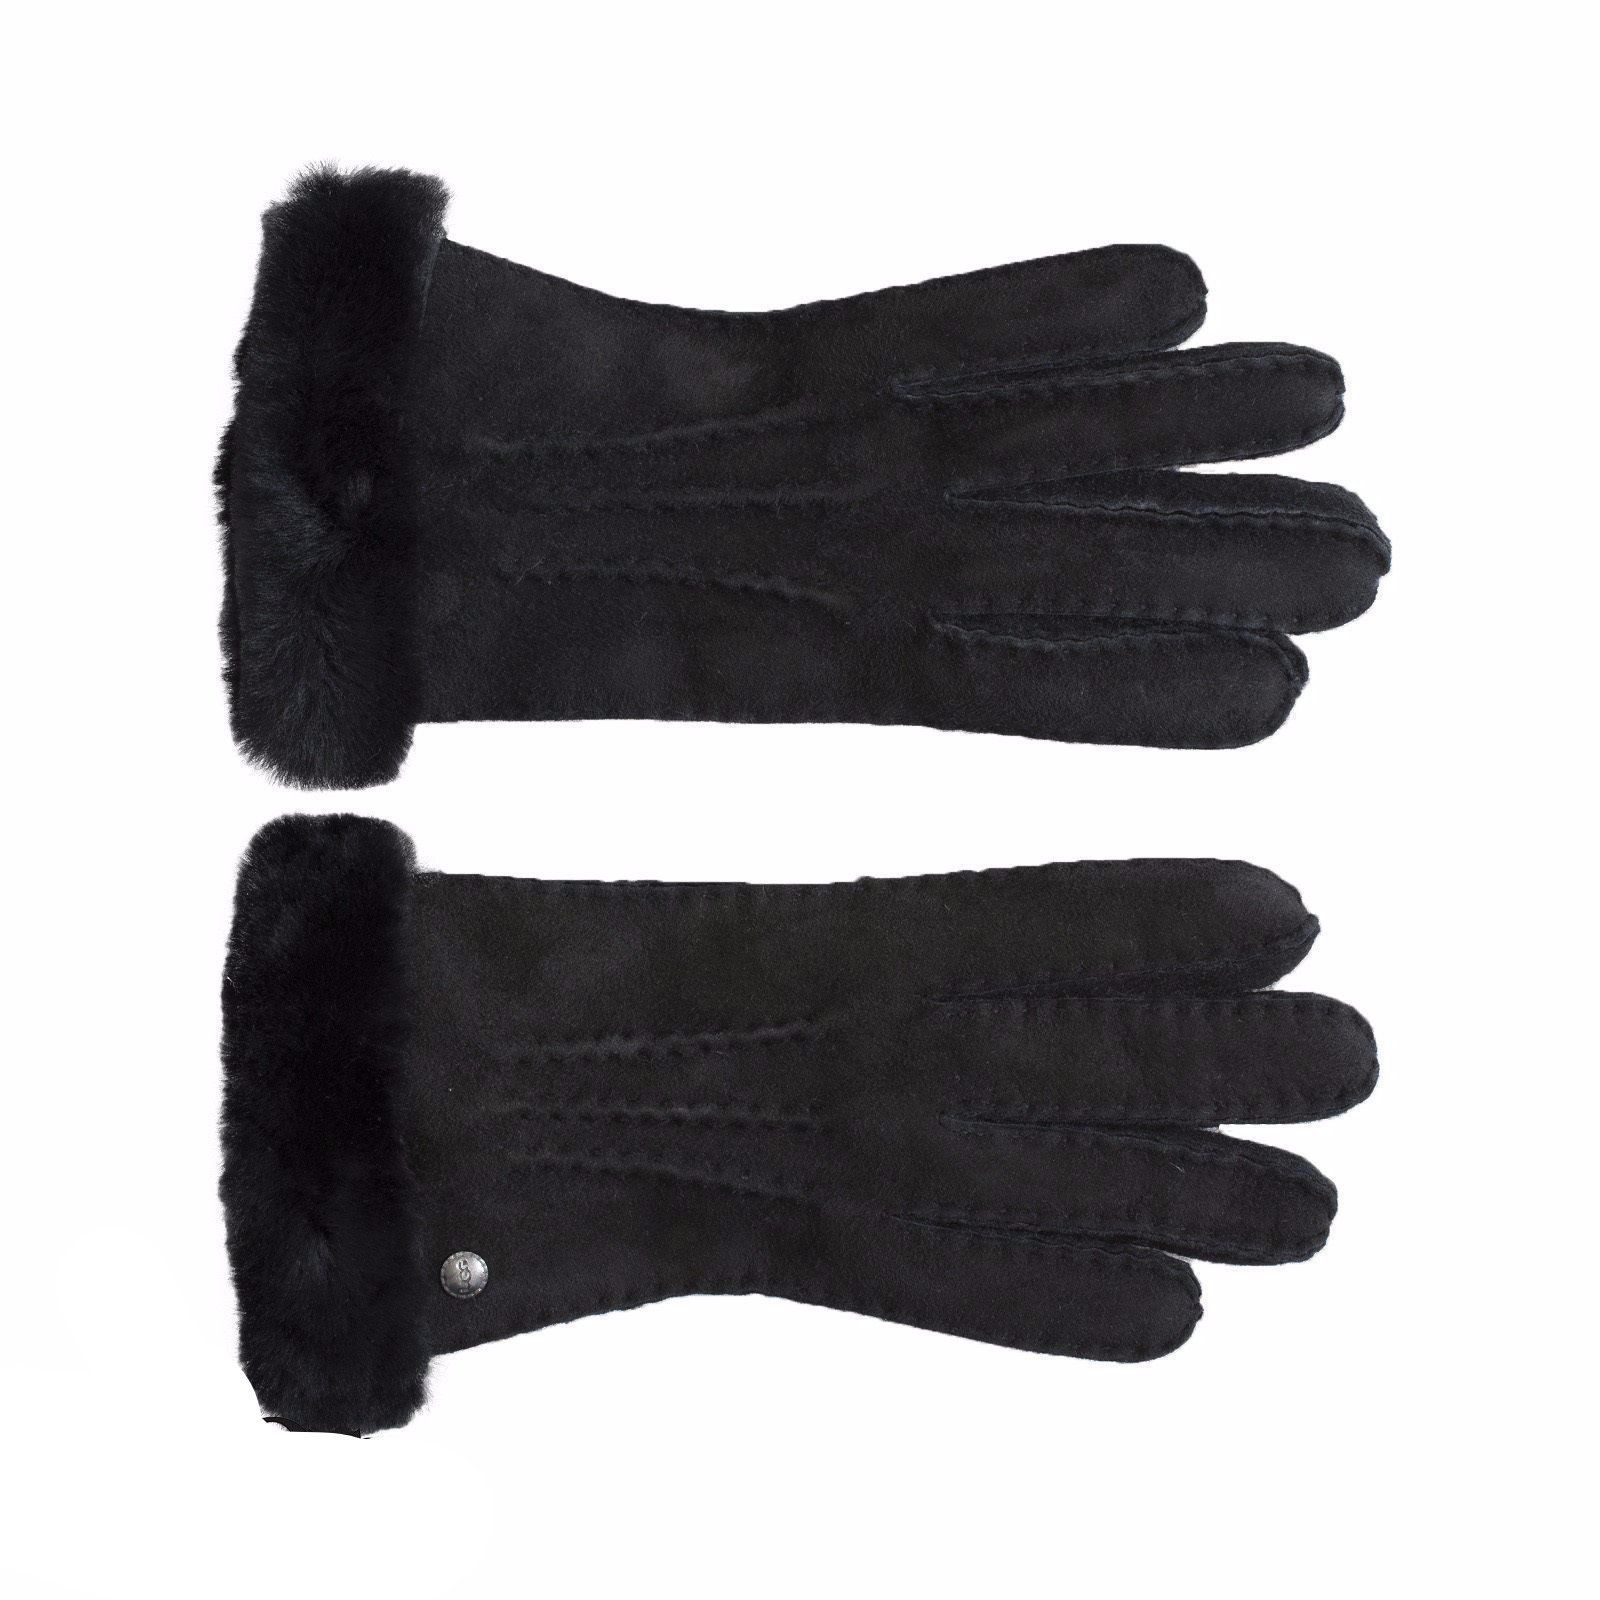 UGG Carter Smart Gloves Black